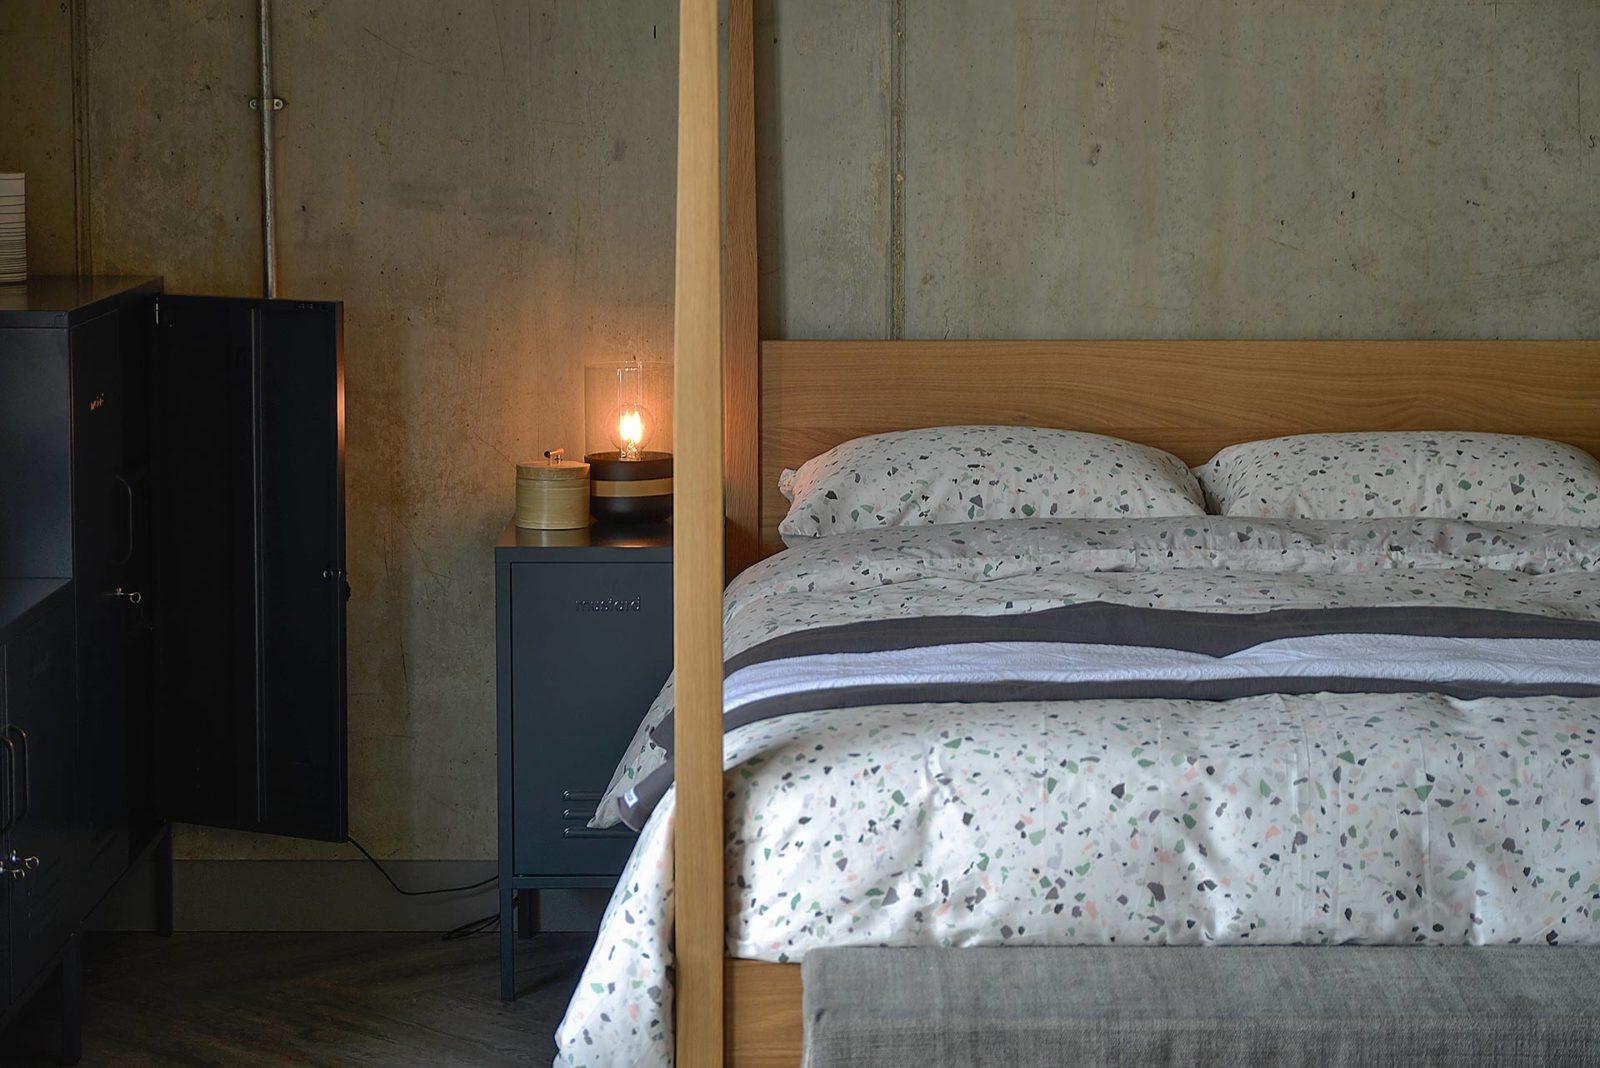 Hatfield oak bed and grey bedside locker